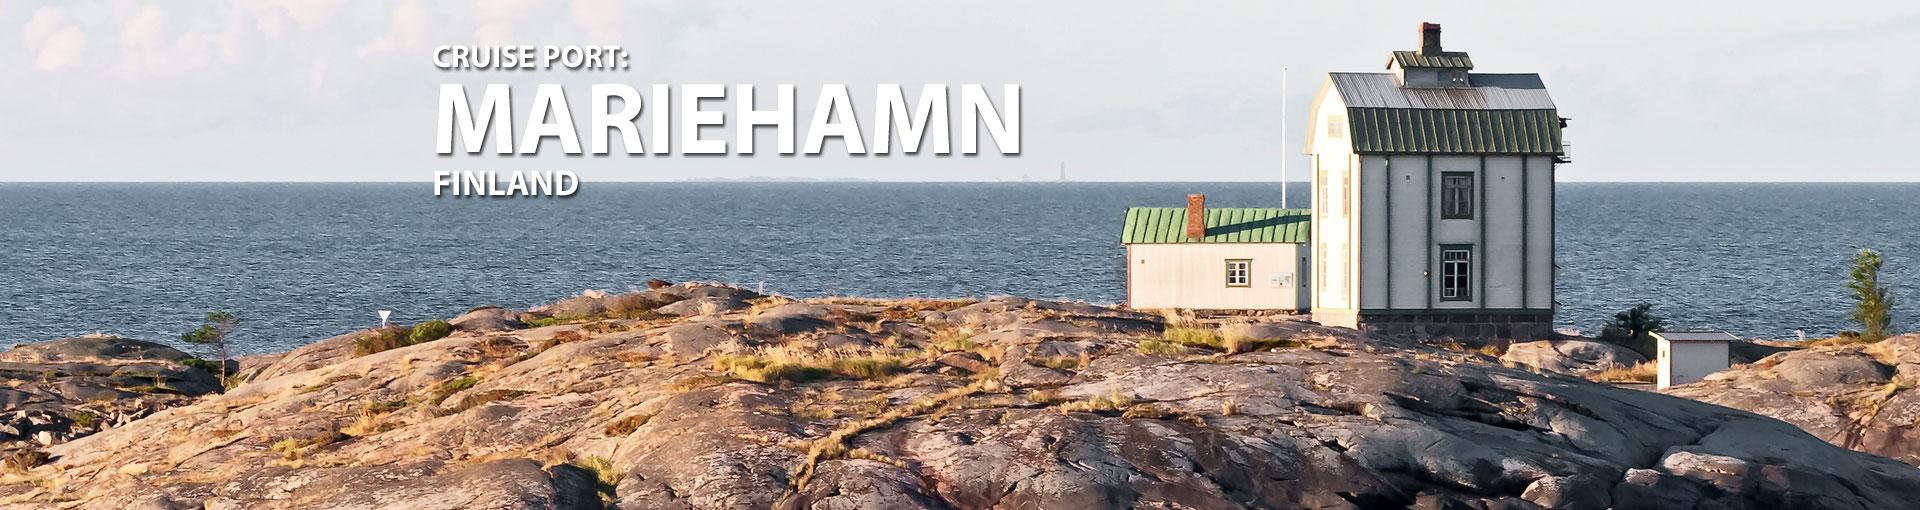 Cruises to Mariehamn, Finland